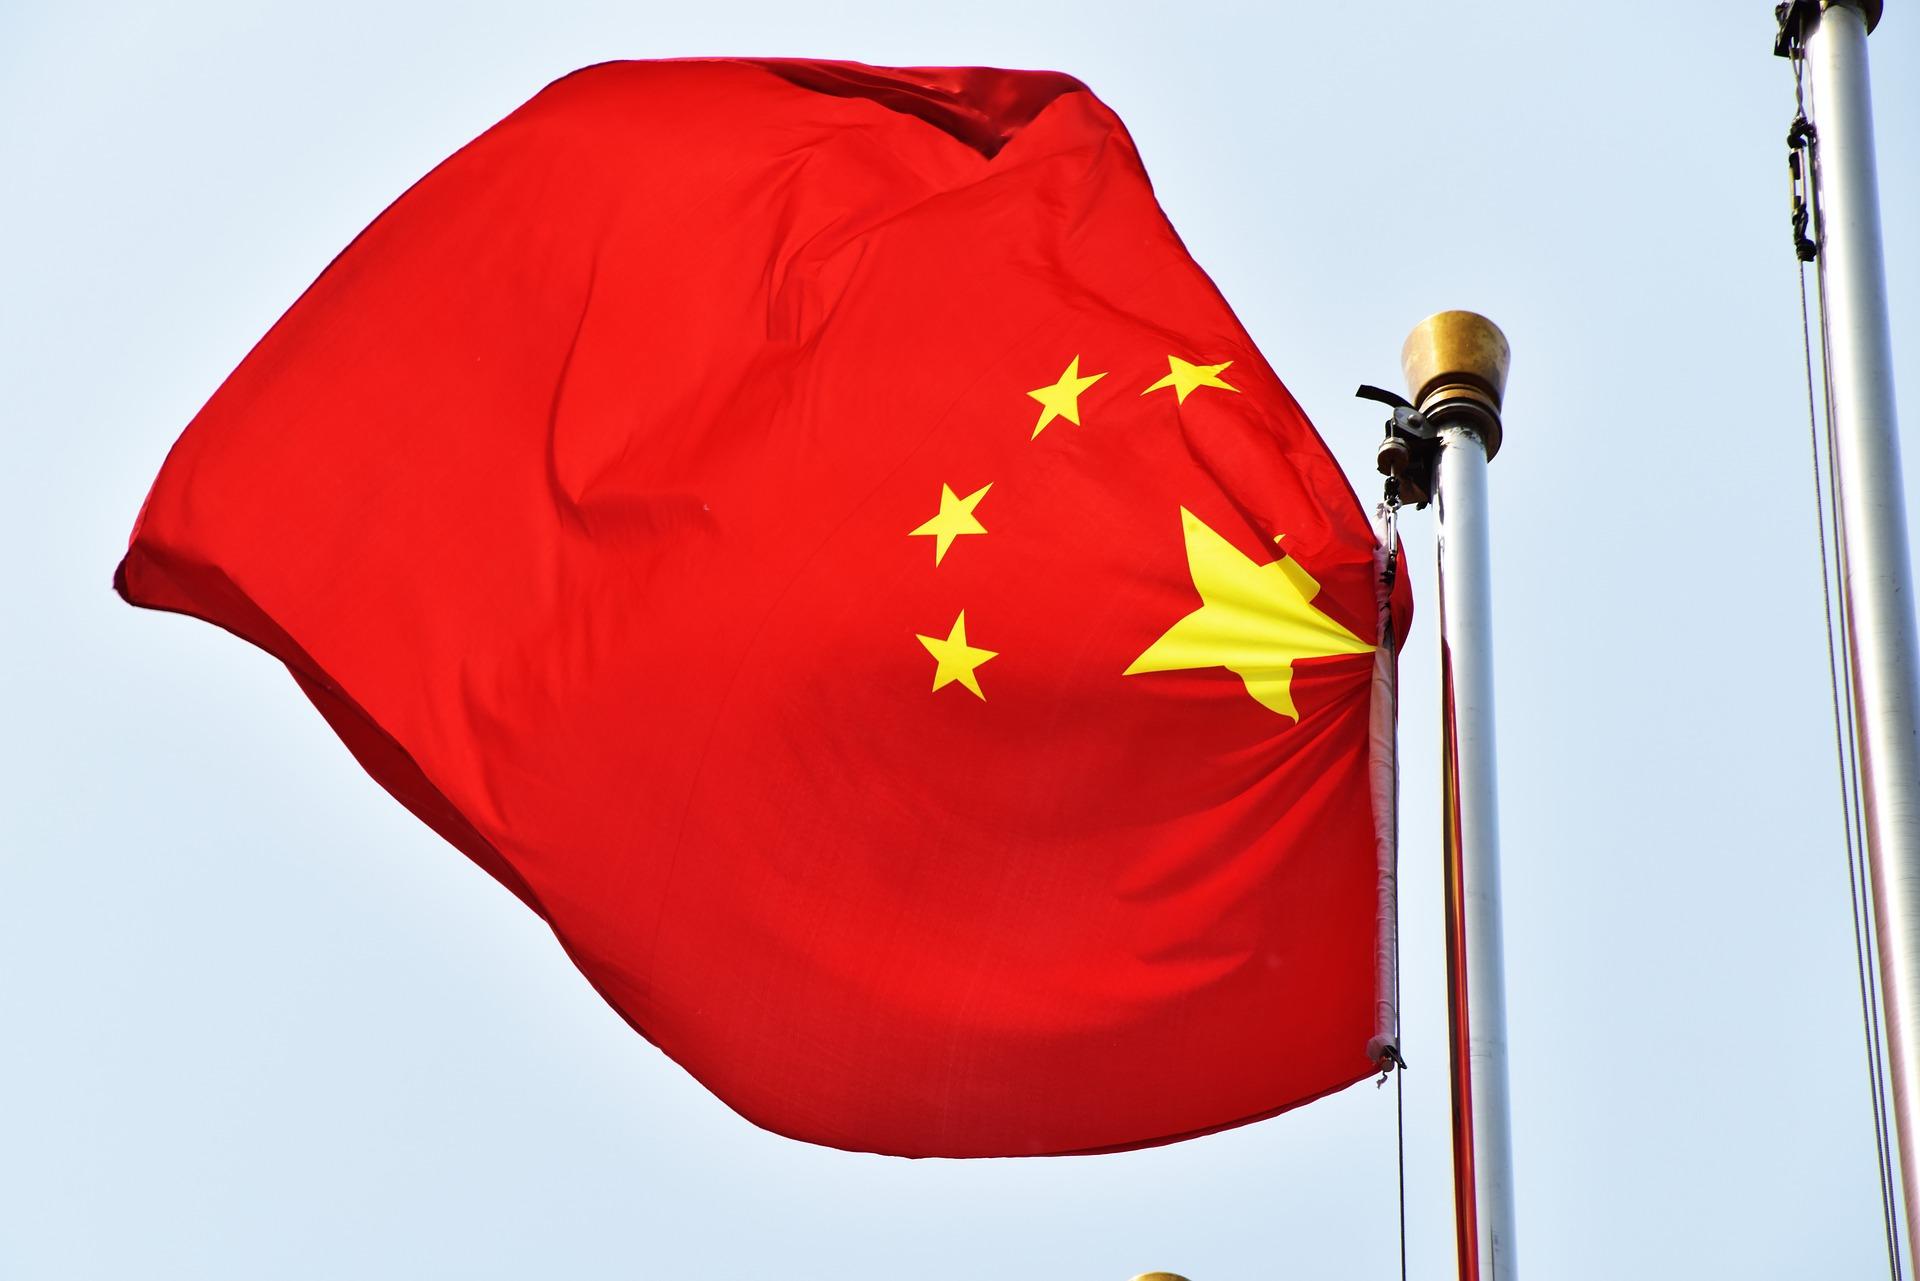 Bandeira China_Imagem de David Yu por Pixabay